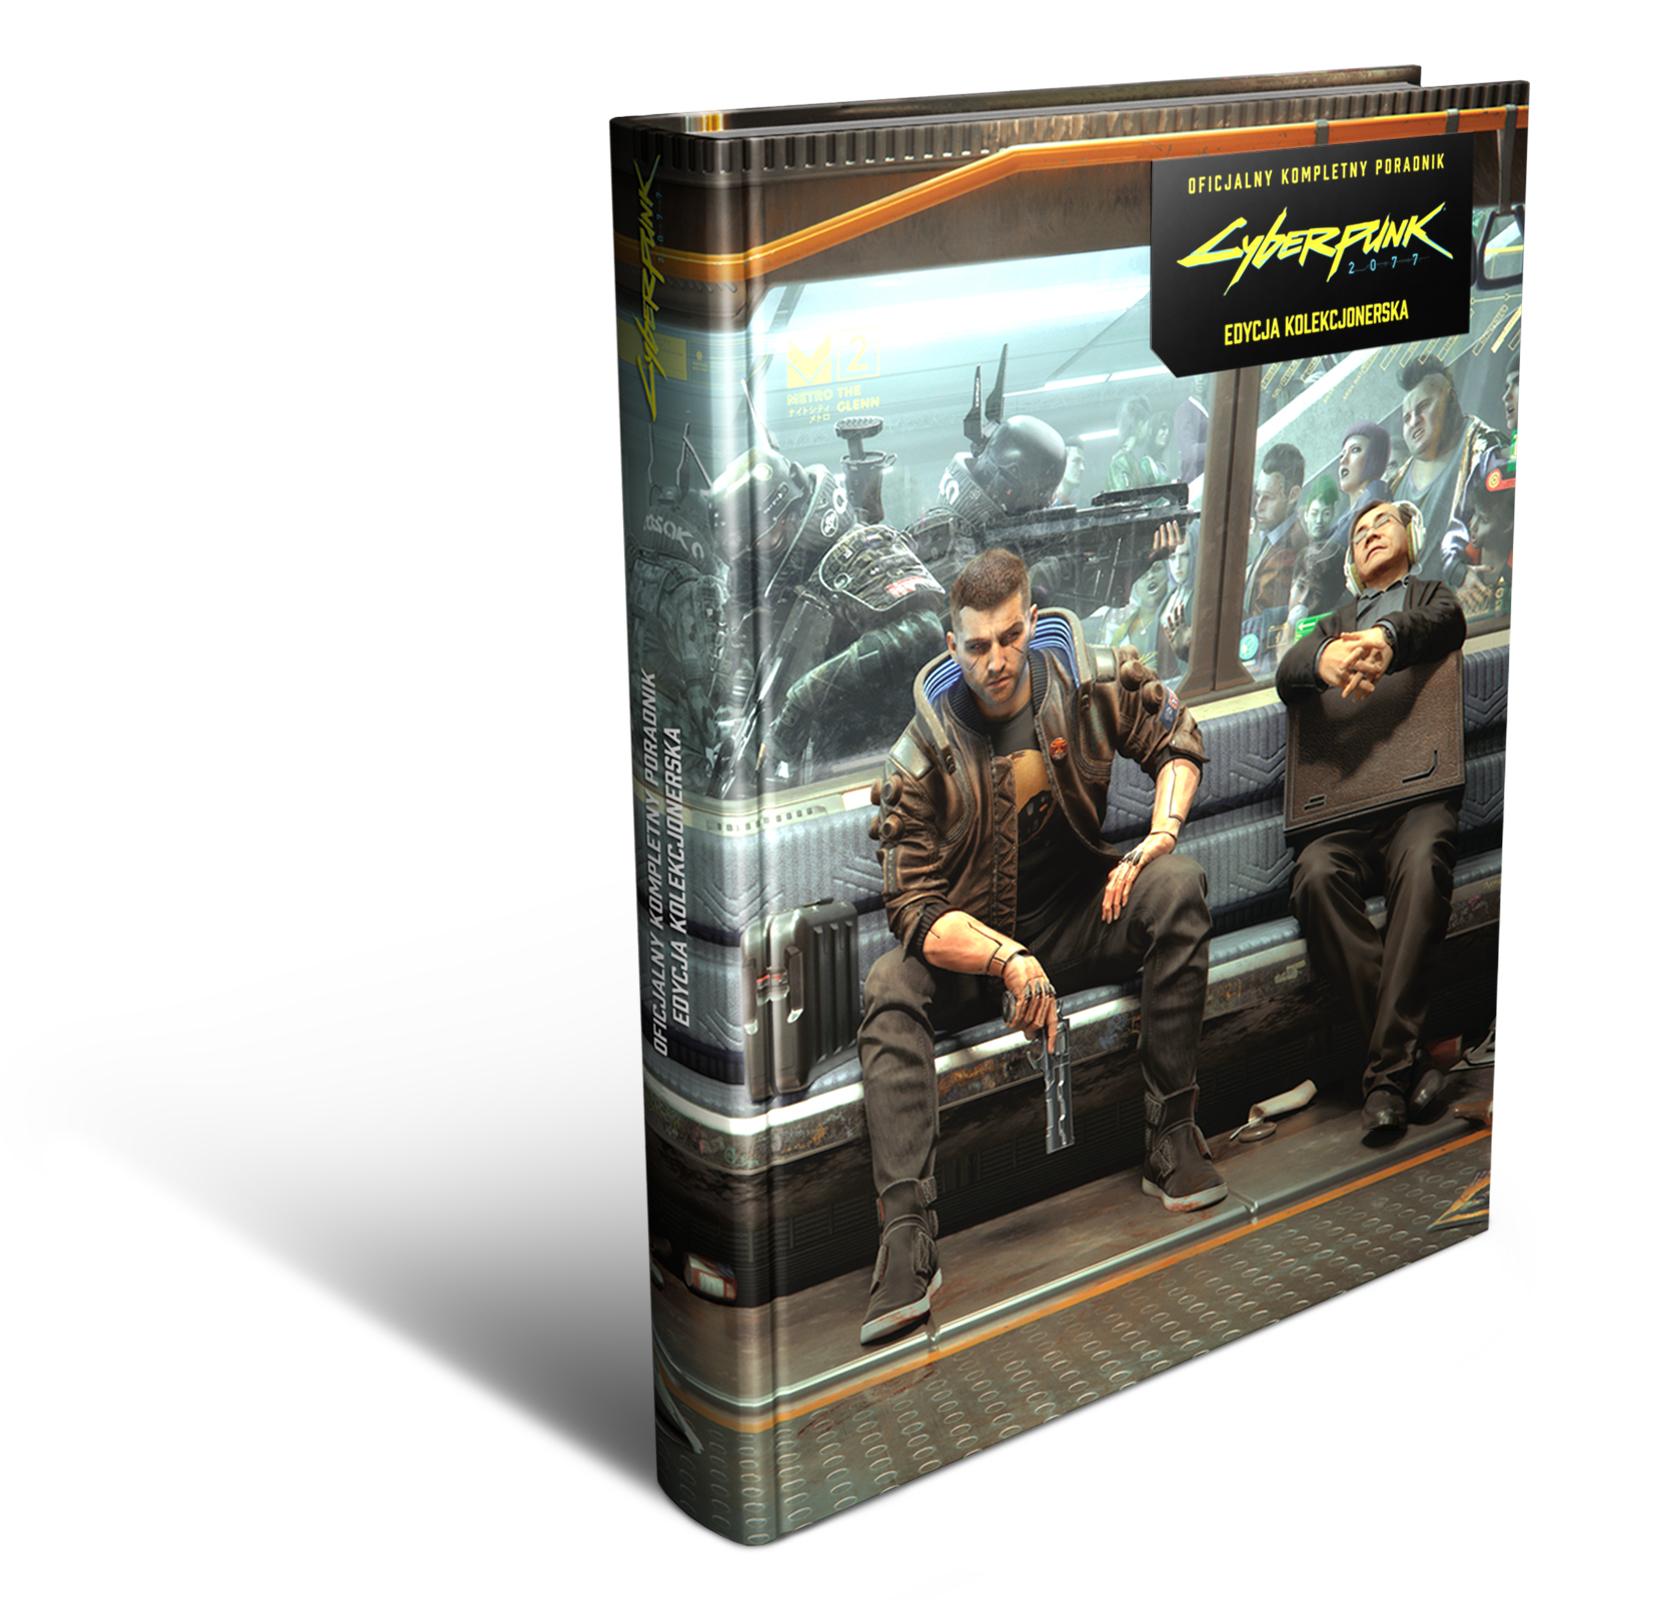 Cyberpunk 2077 - Oficjalny kompletny poradnik Edycja Kolekcjonerska